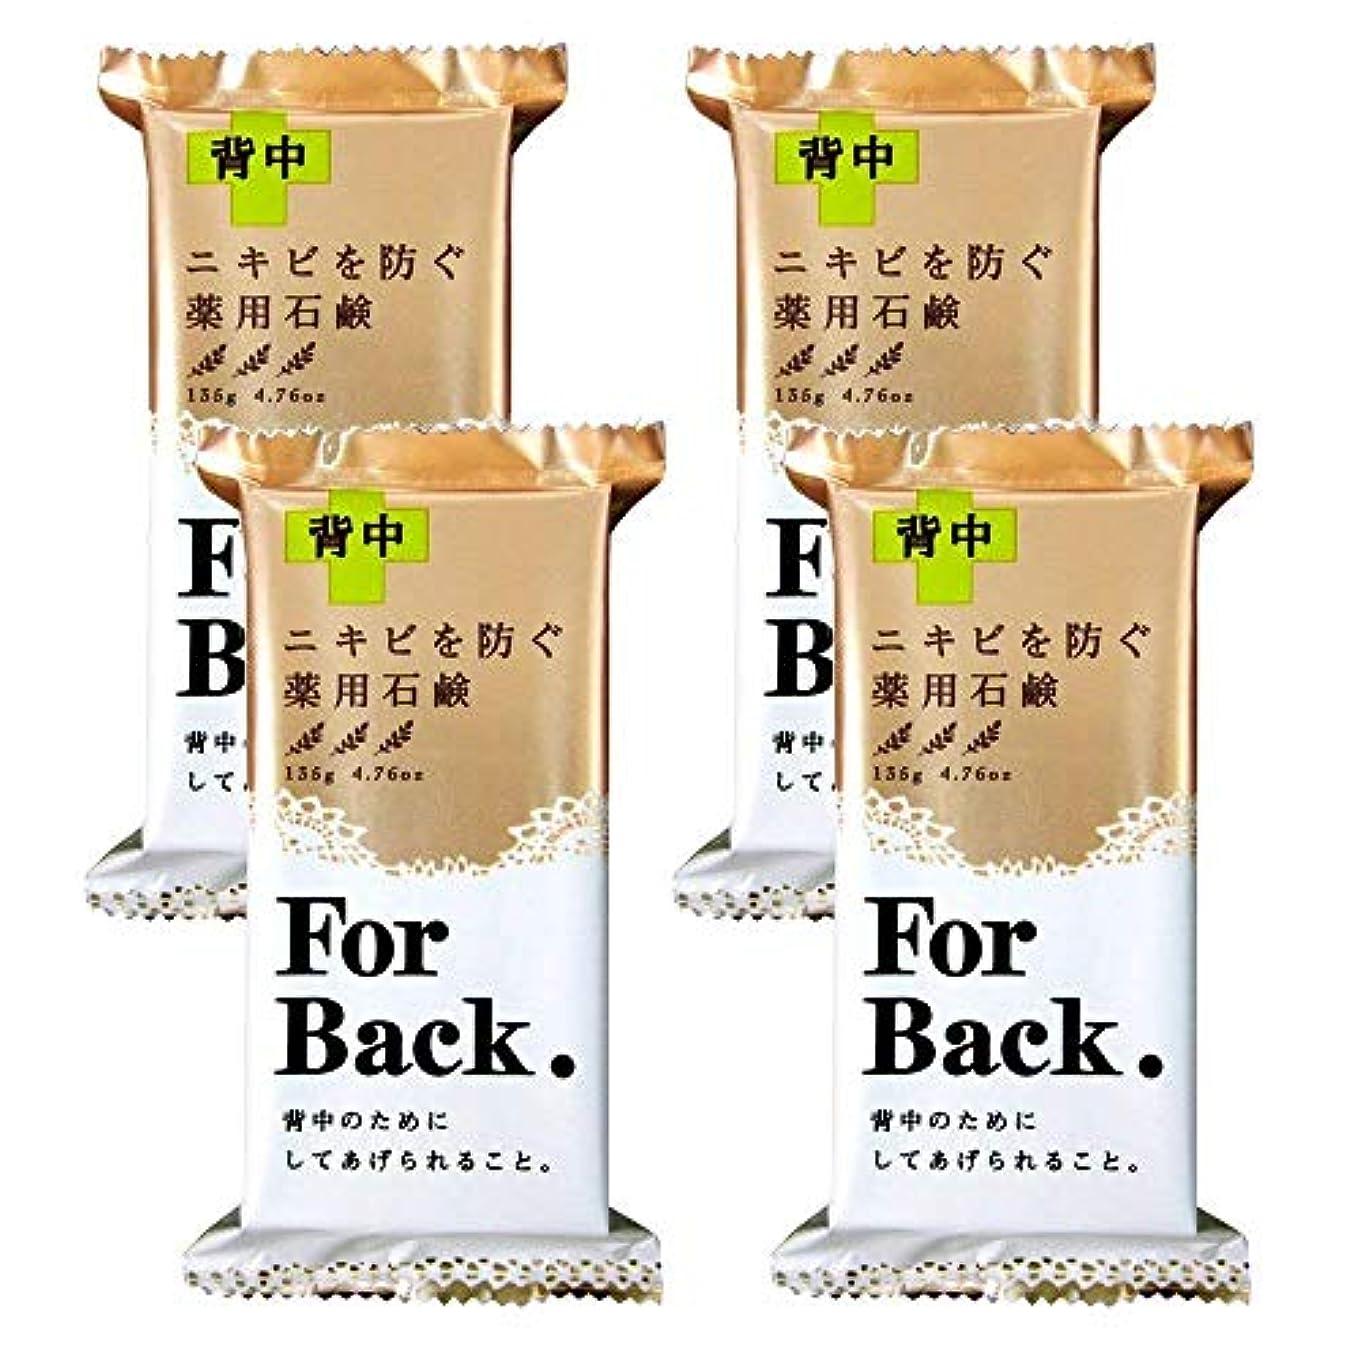 強化第病んでいる薬用石鹸 ForBack 135g×4個セット